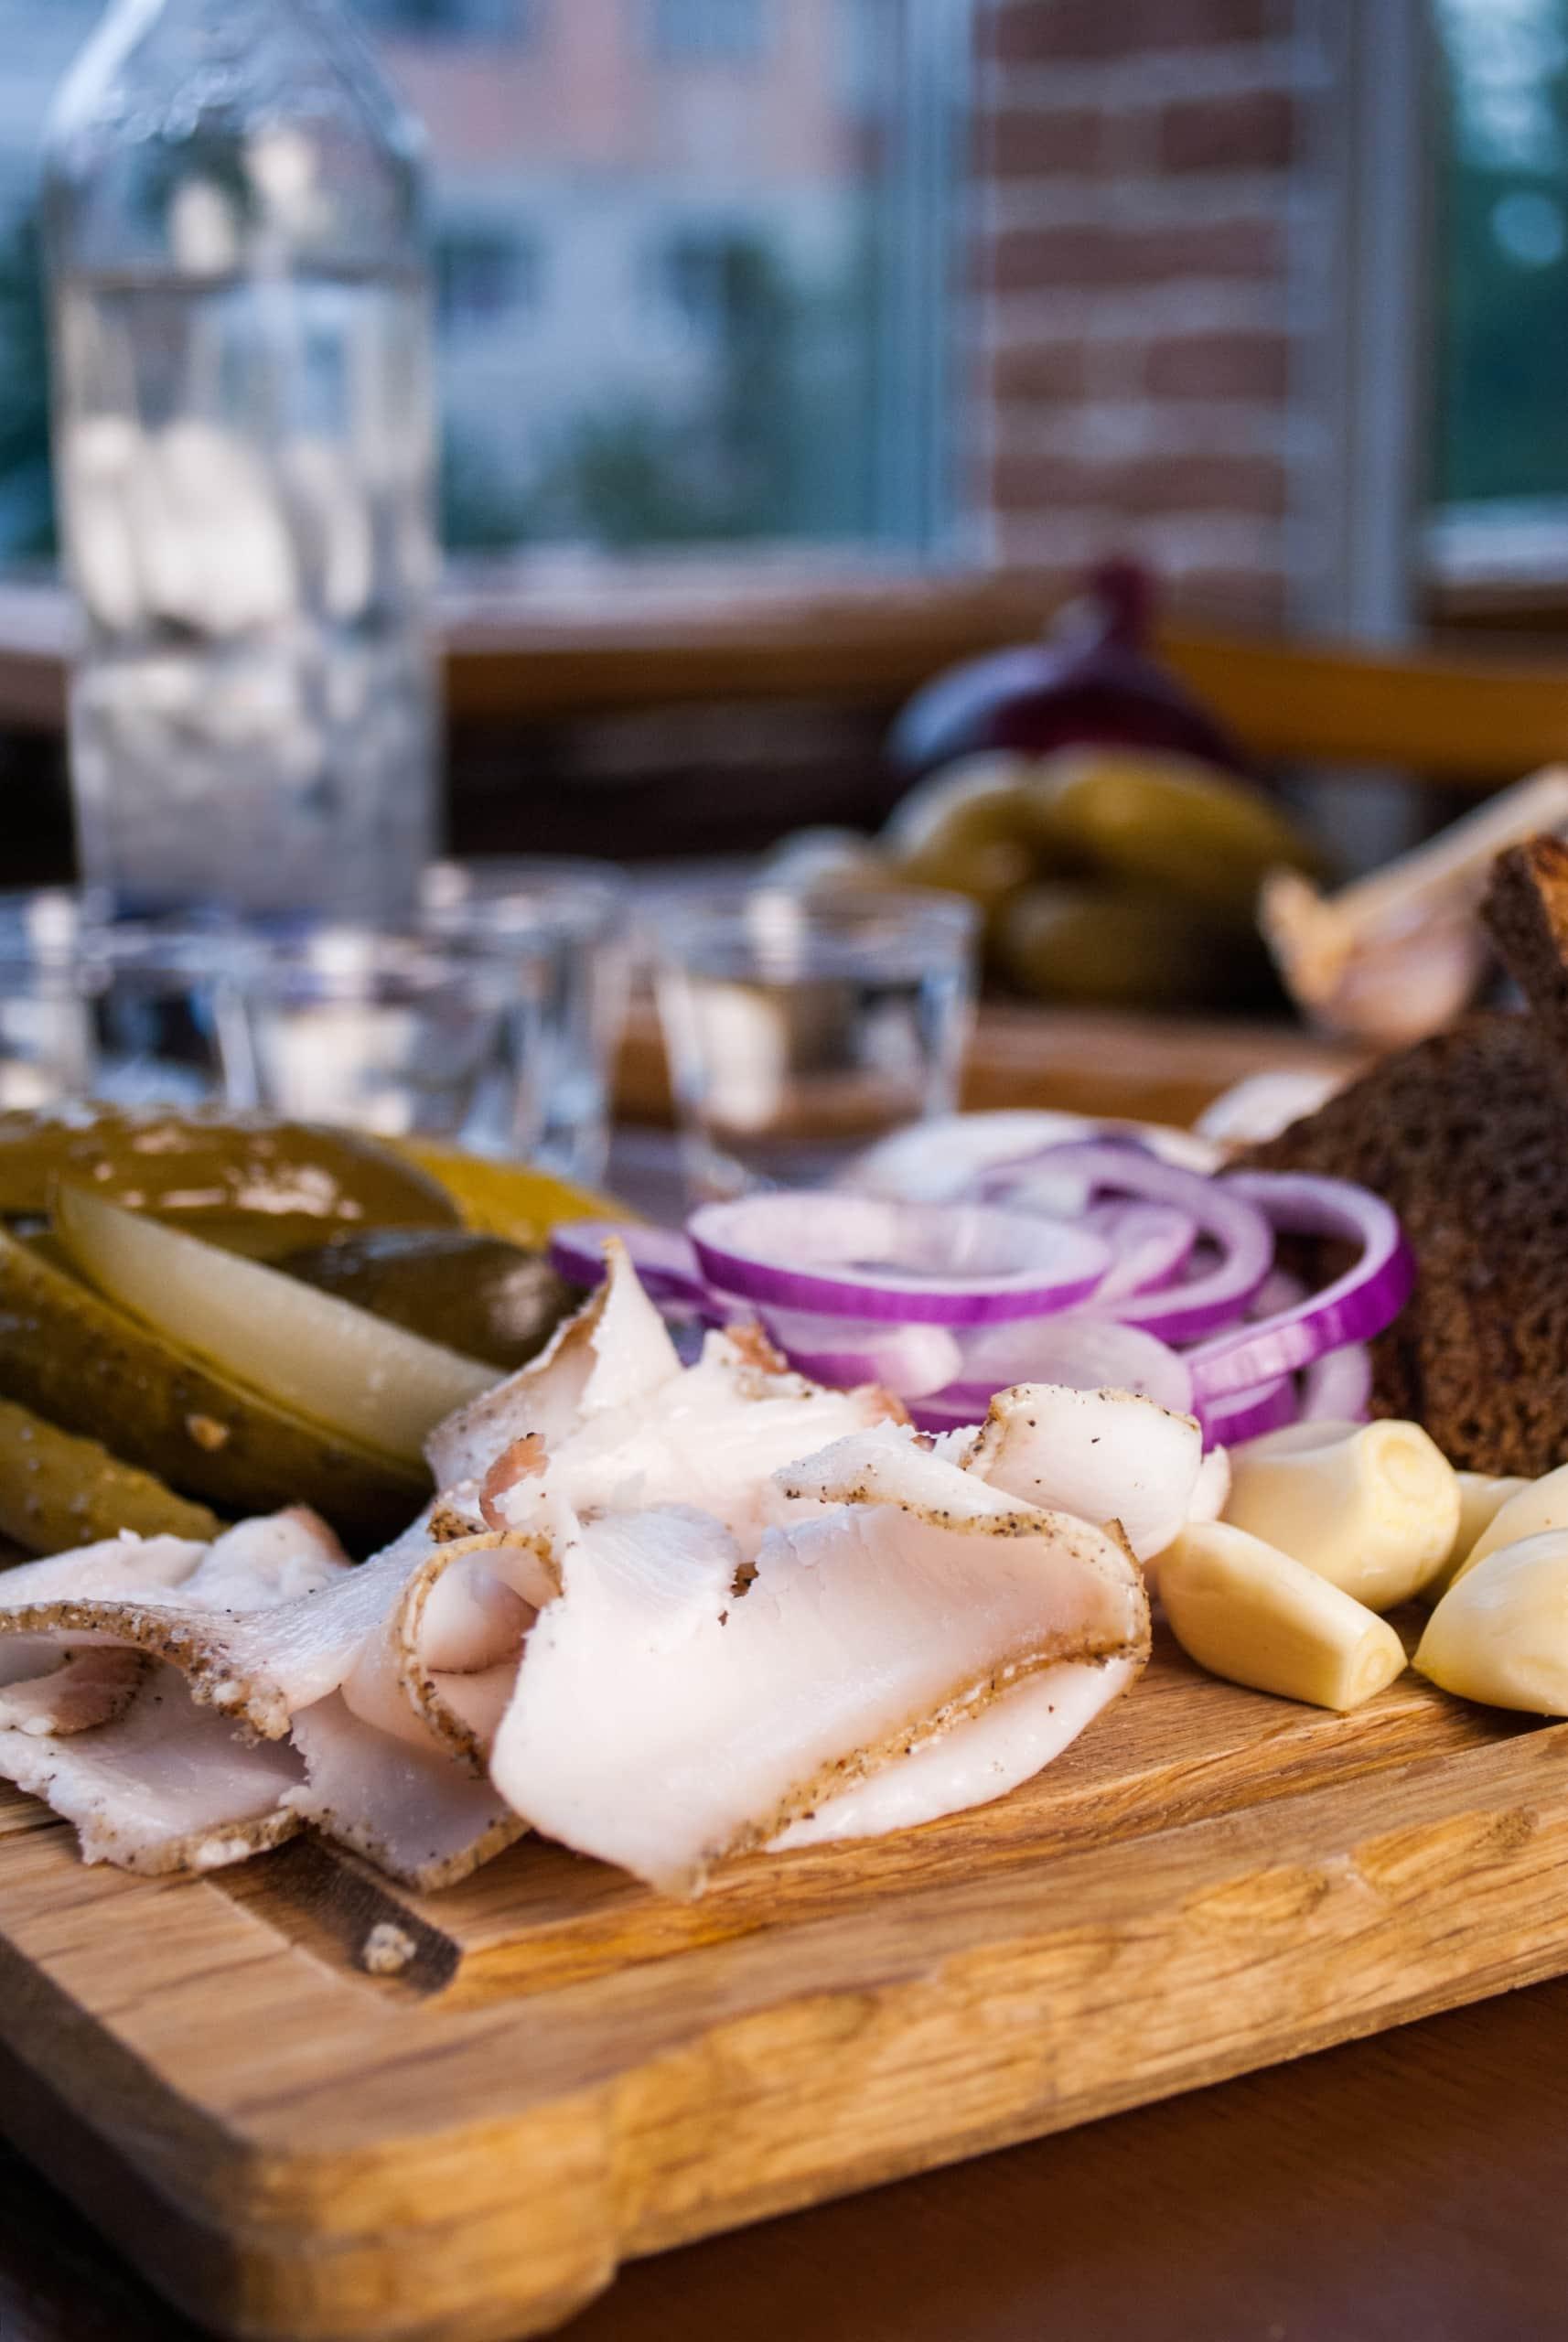 Schweinespeck ist ein typischer Snack in der Ukraine